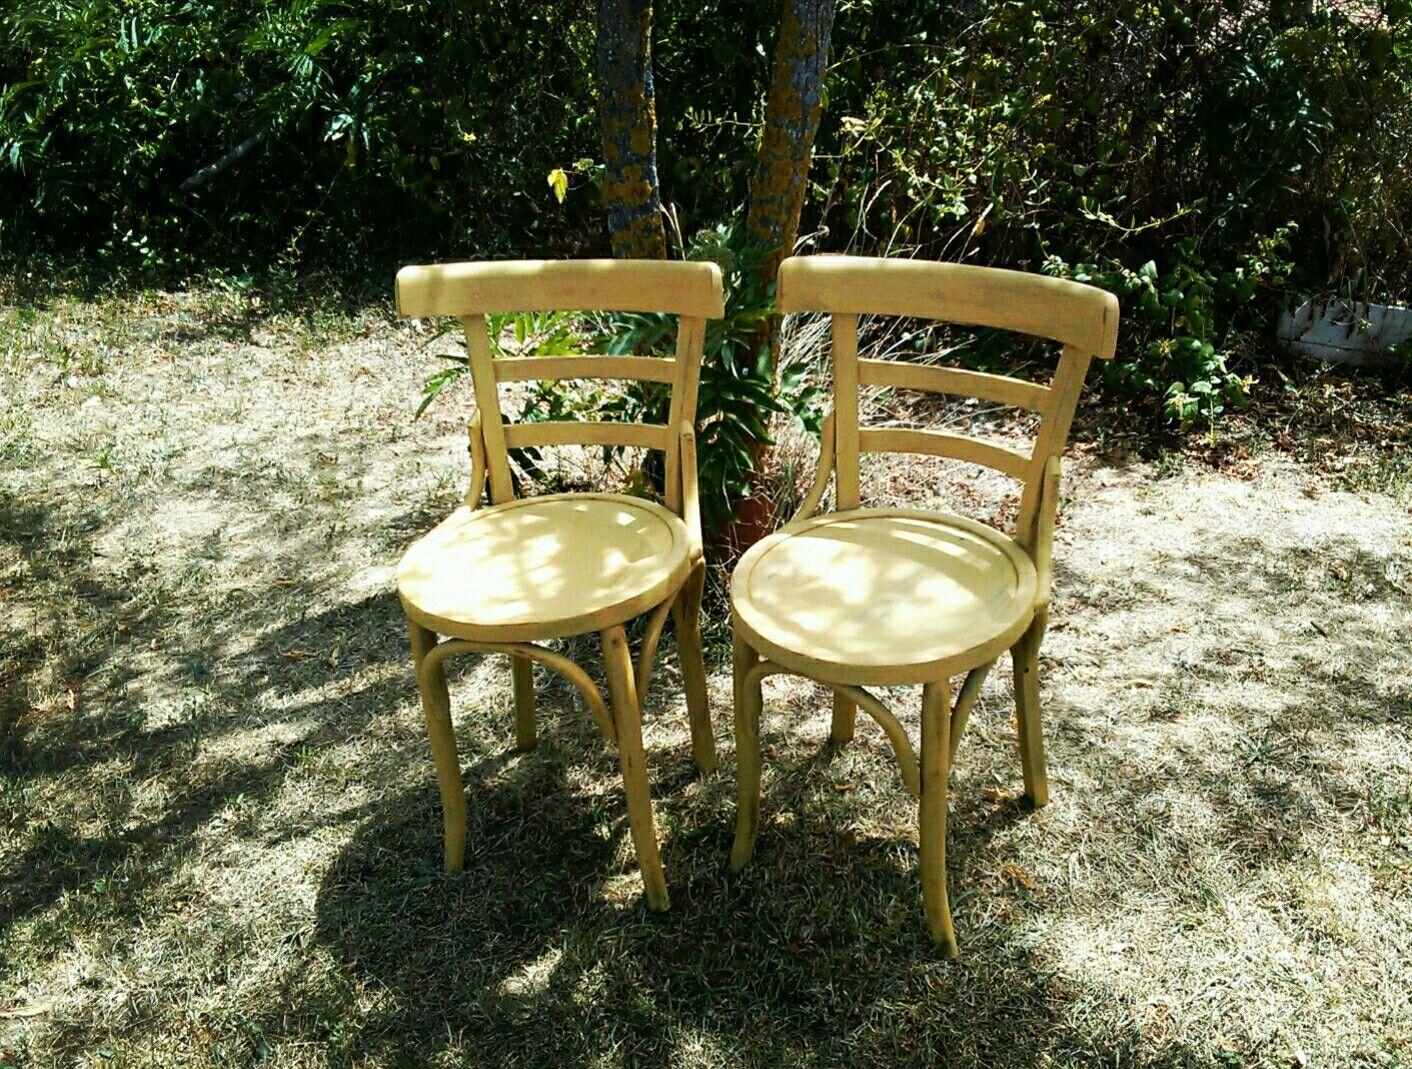 #Pareja#sillas#amarillo#verano#chalkpaint#luz#decoracion#interior#colores#encargo#recuperar#rehabilitar#restaurar#reciclaje#adhoc#personal#unico#vida